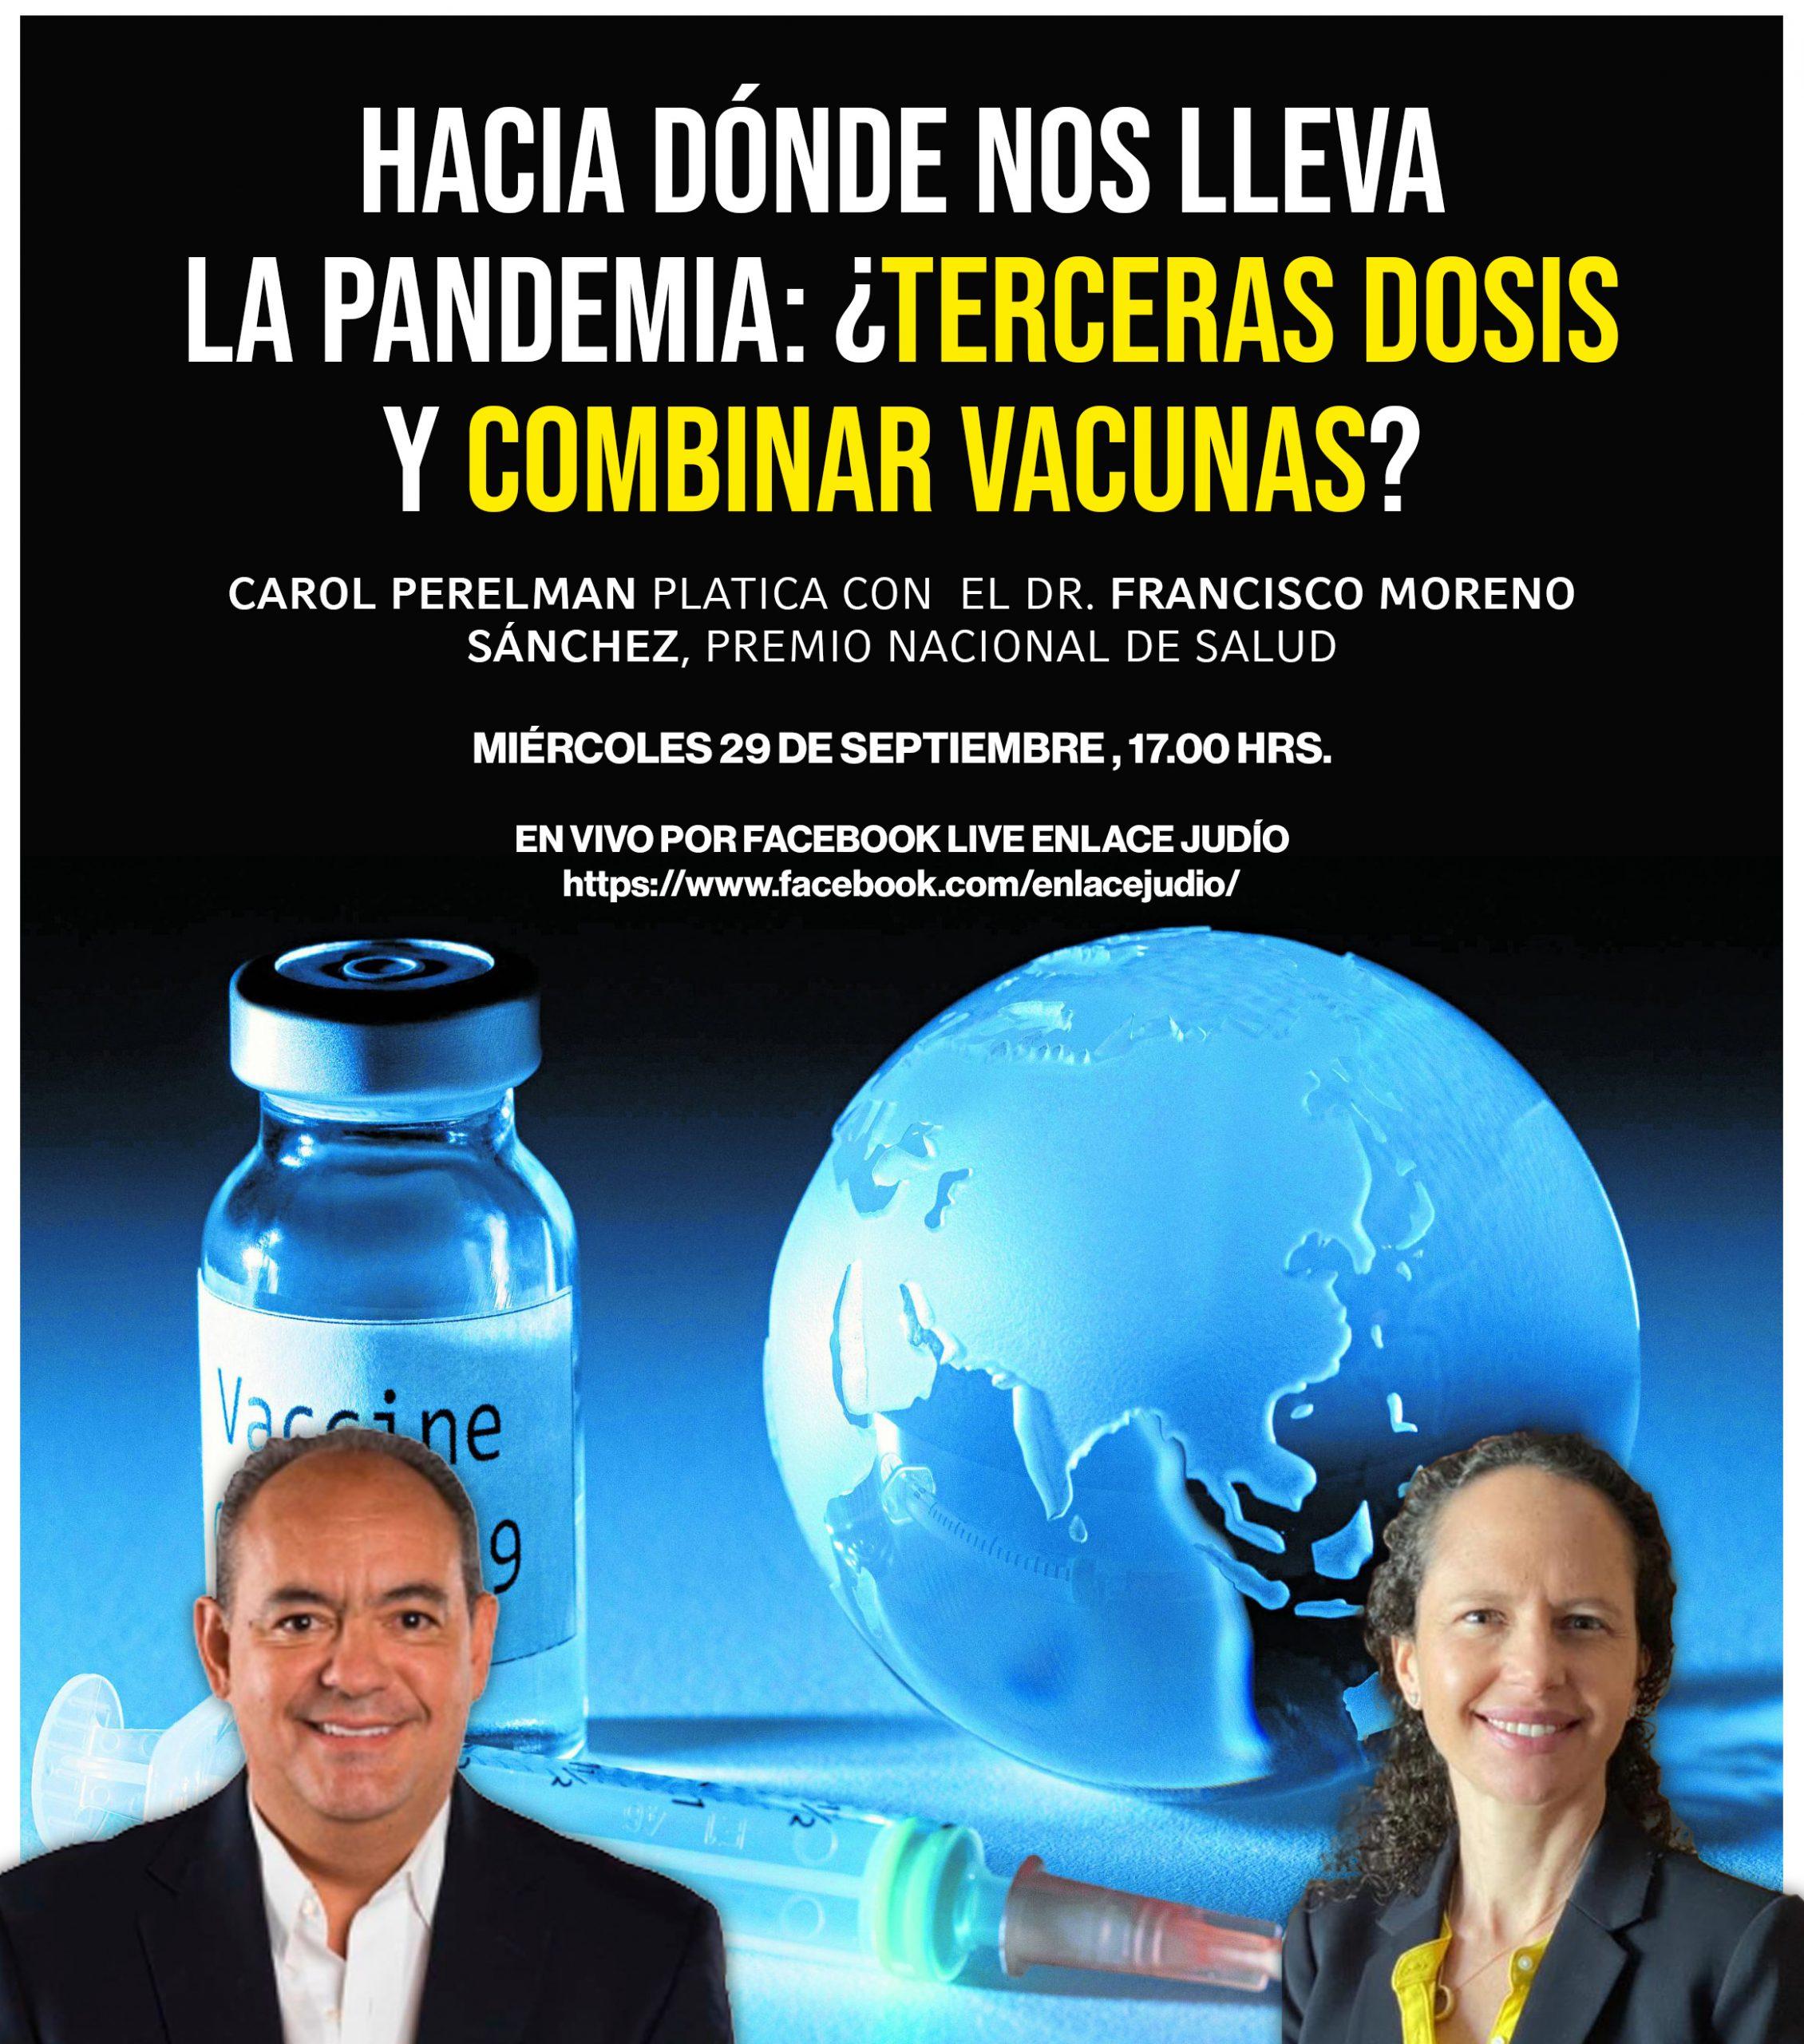 Hacia dónde nos lleva la pandemia: ¿terceras dosis y combinar vacunas?